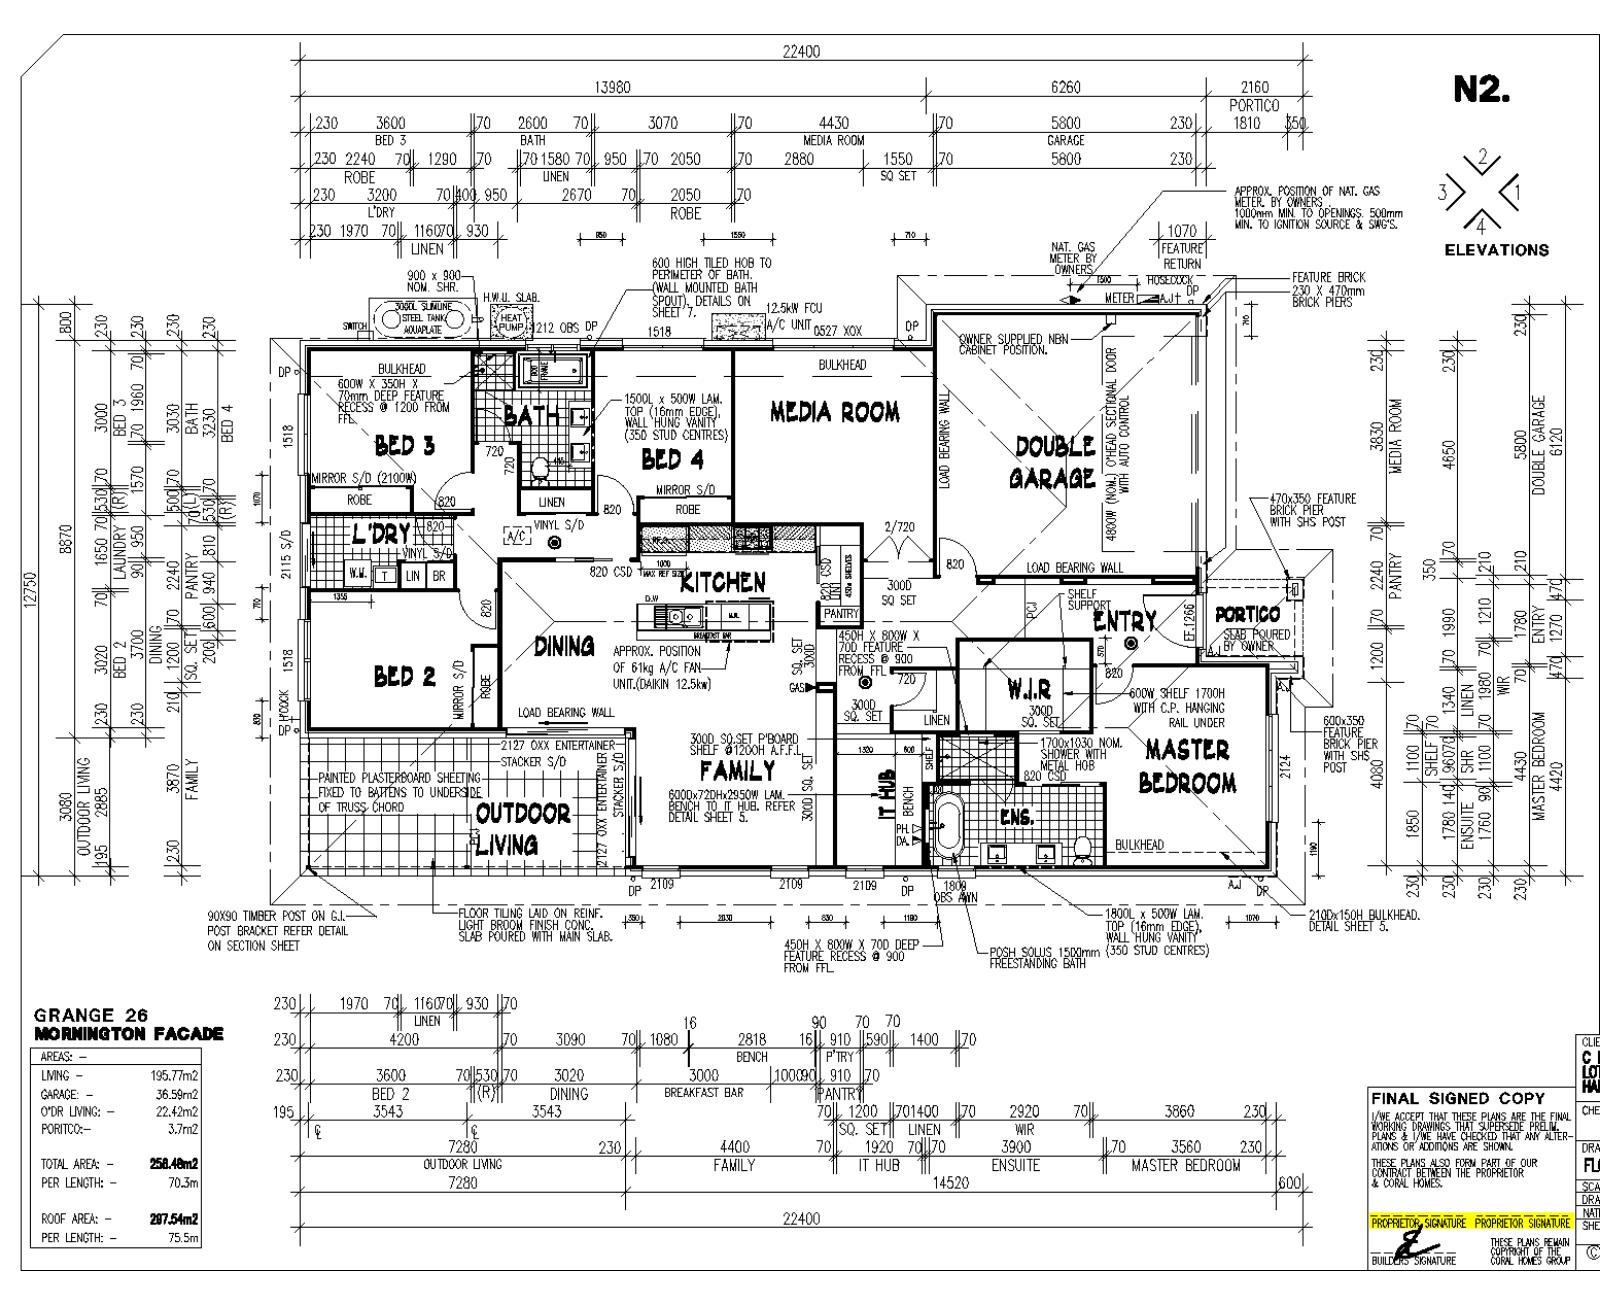 Coral Homes Grange 26 Modified - Mornington Facade - Hamlyn